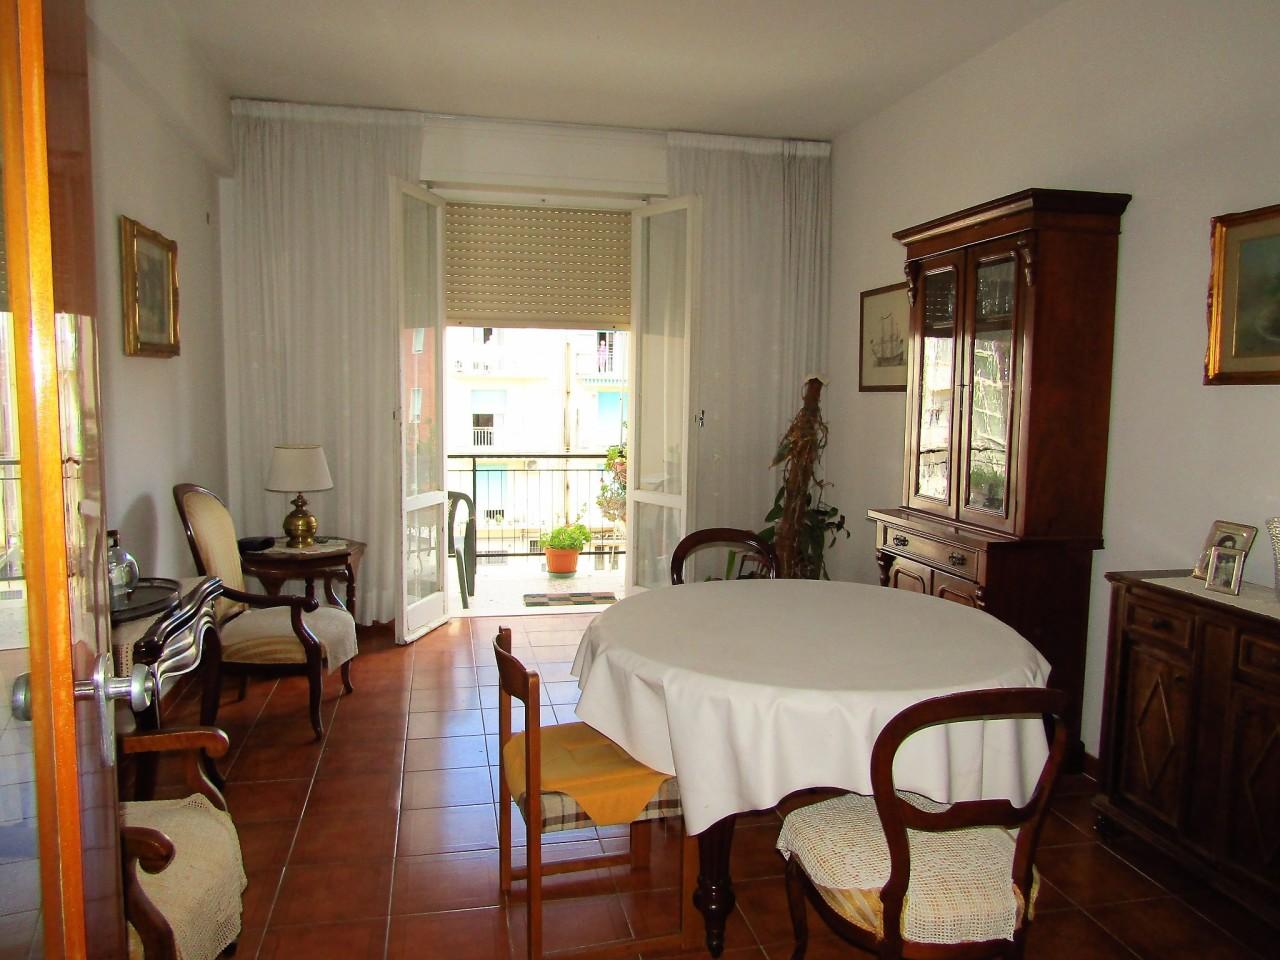 Appartamento in vendita a Livorno, 4 locali, prezzo € 130.000 | CambioCasa.it